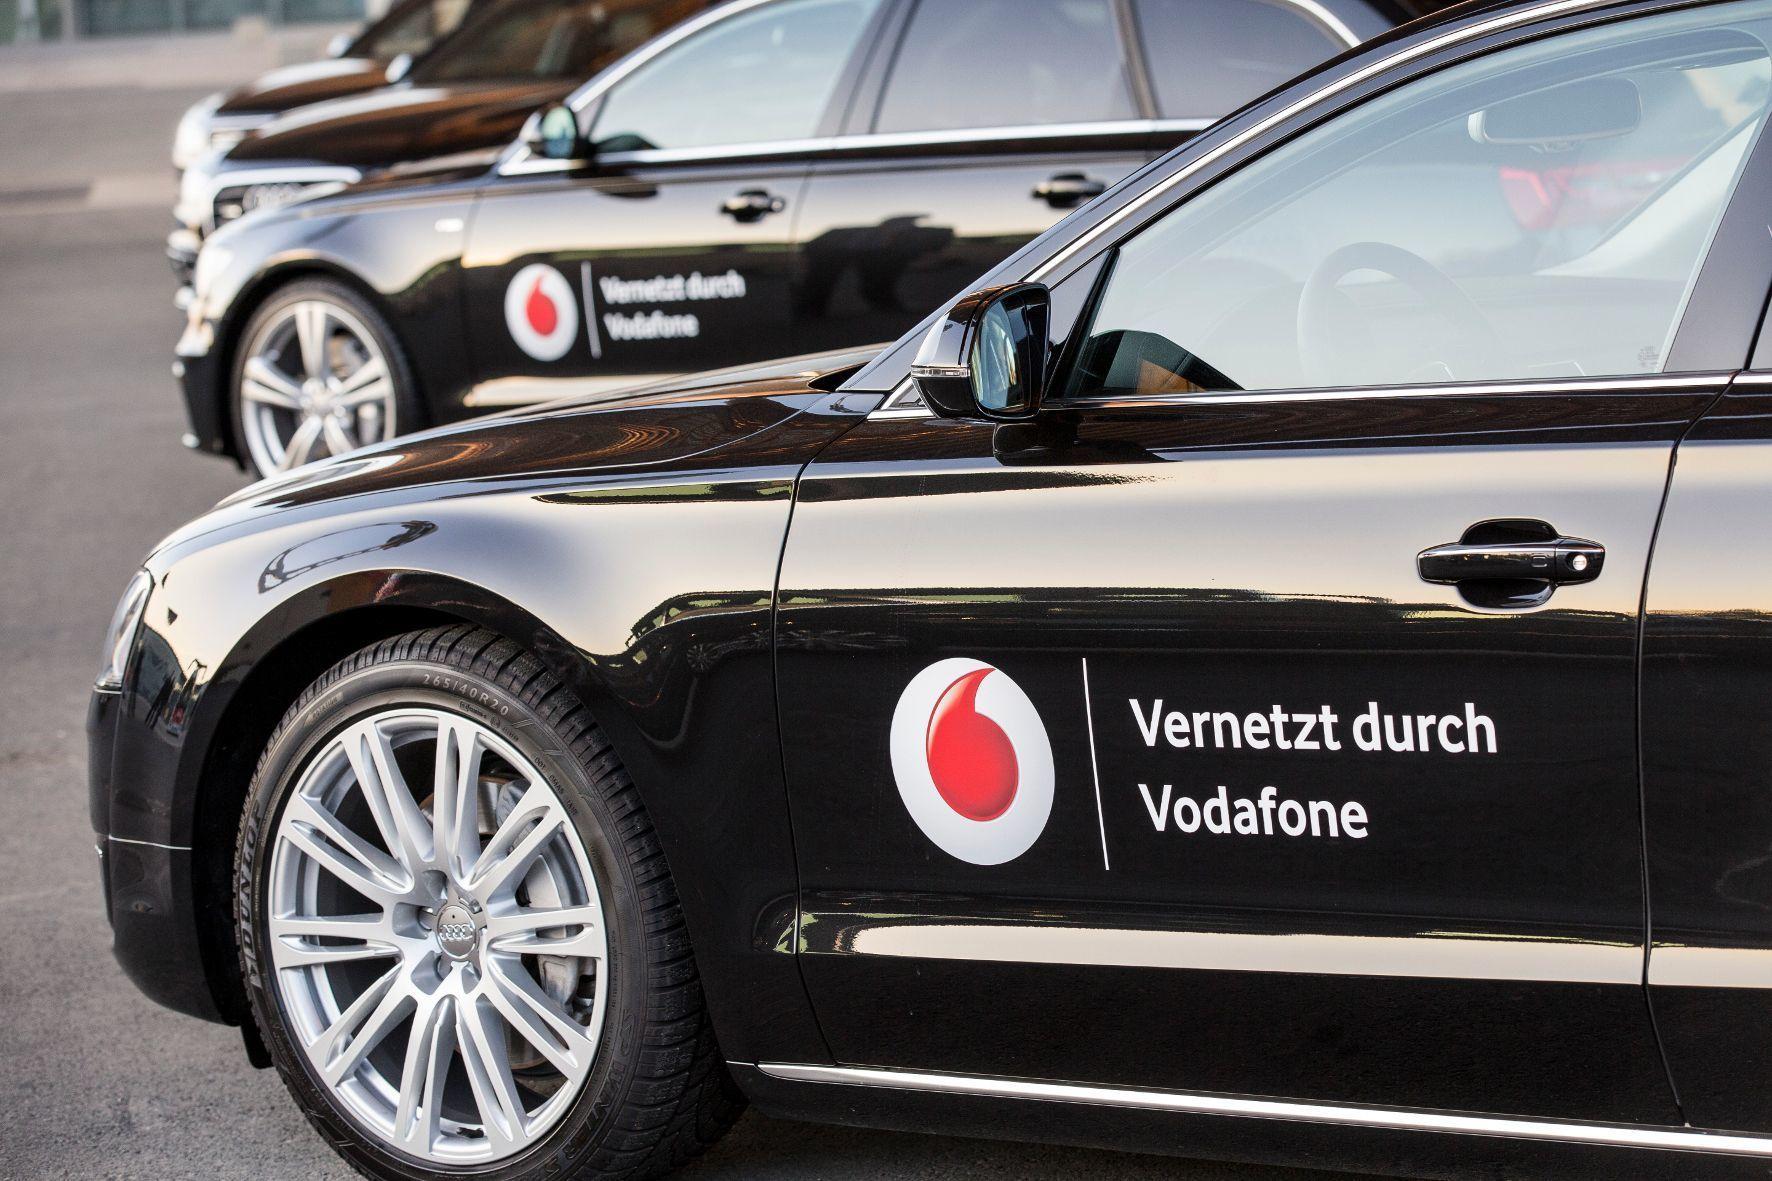 cid Groß-Gerau - Eine Partnerschaft zwischen Vodafone, Bosch und Huawei erprobt derzeit Möglichkeiten, wie Mobilfunknetze den Straßenverkehr sicherer machen können.